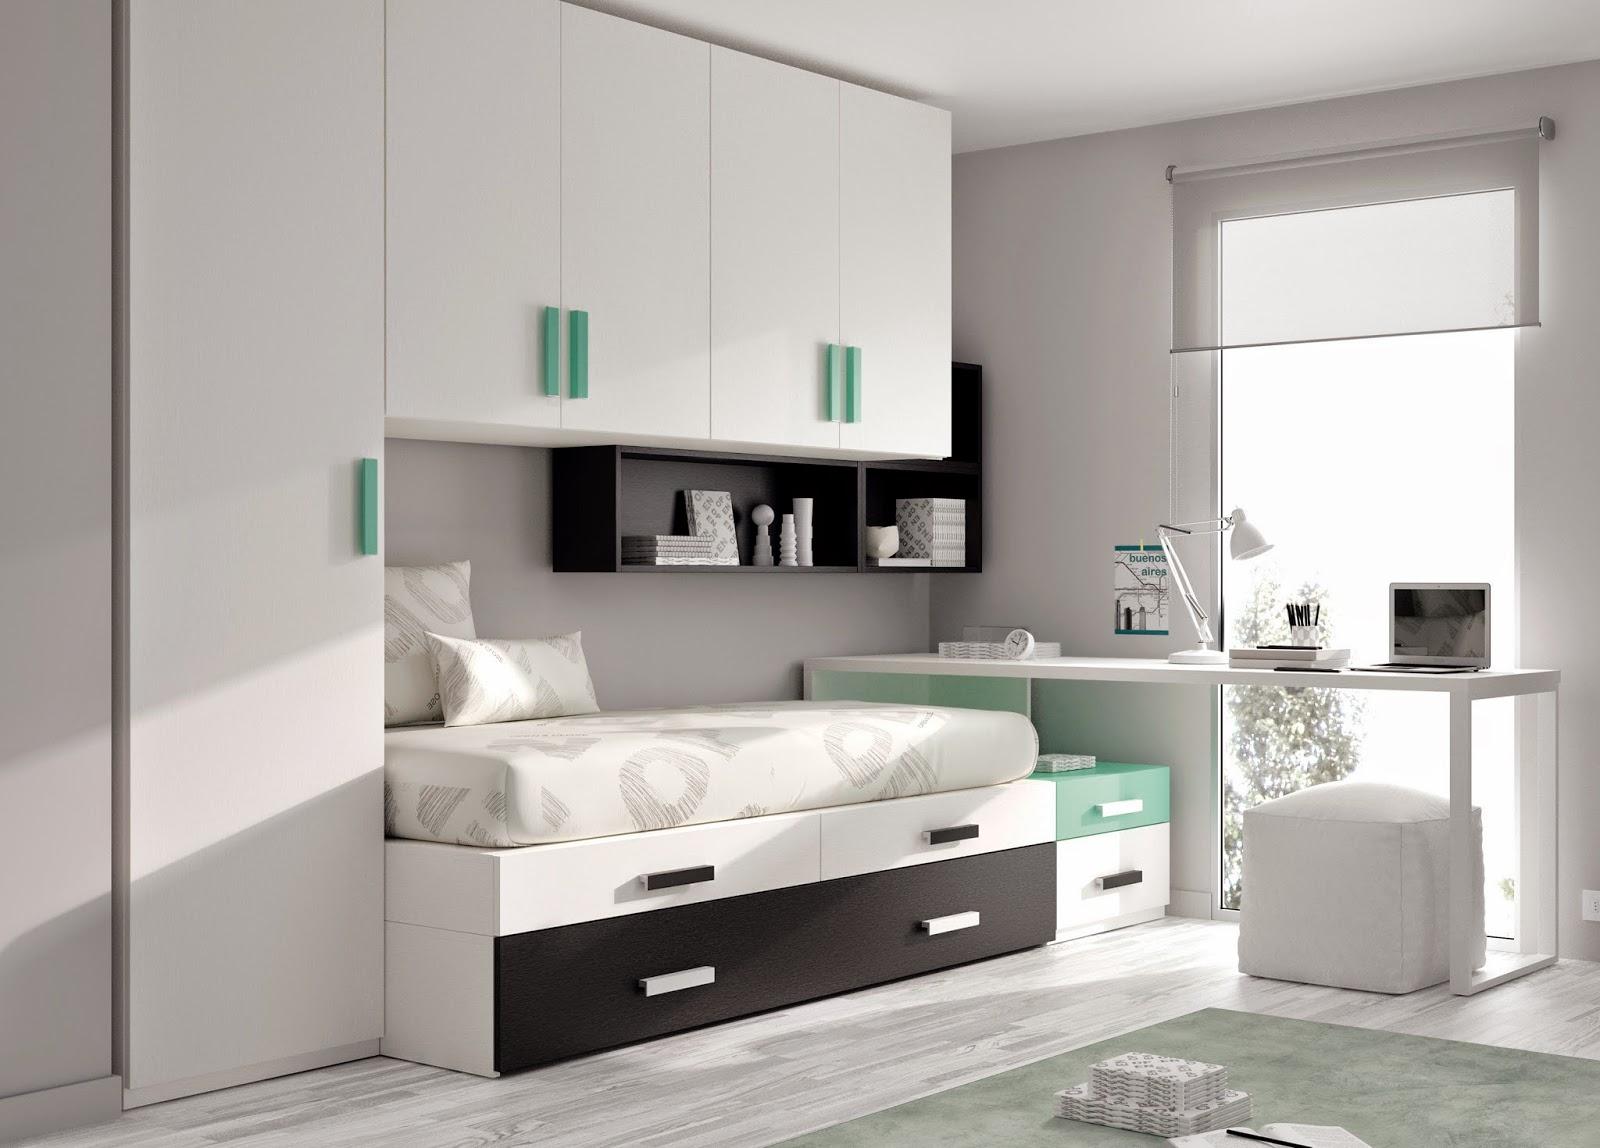 Camere da letto di mobili ros for Cama puente con escritorio